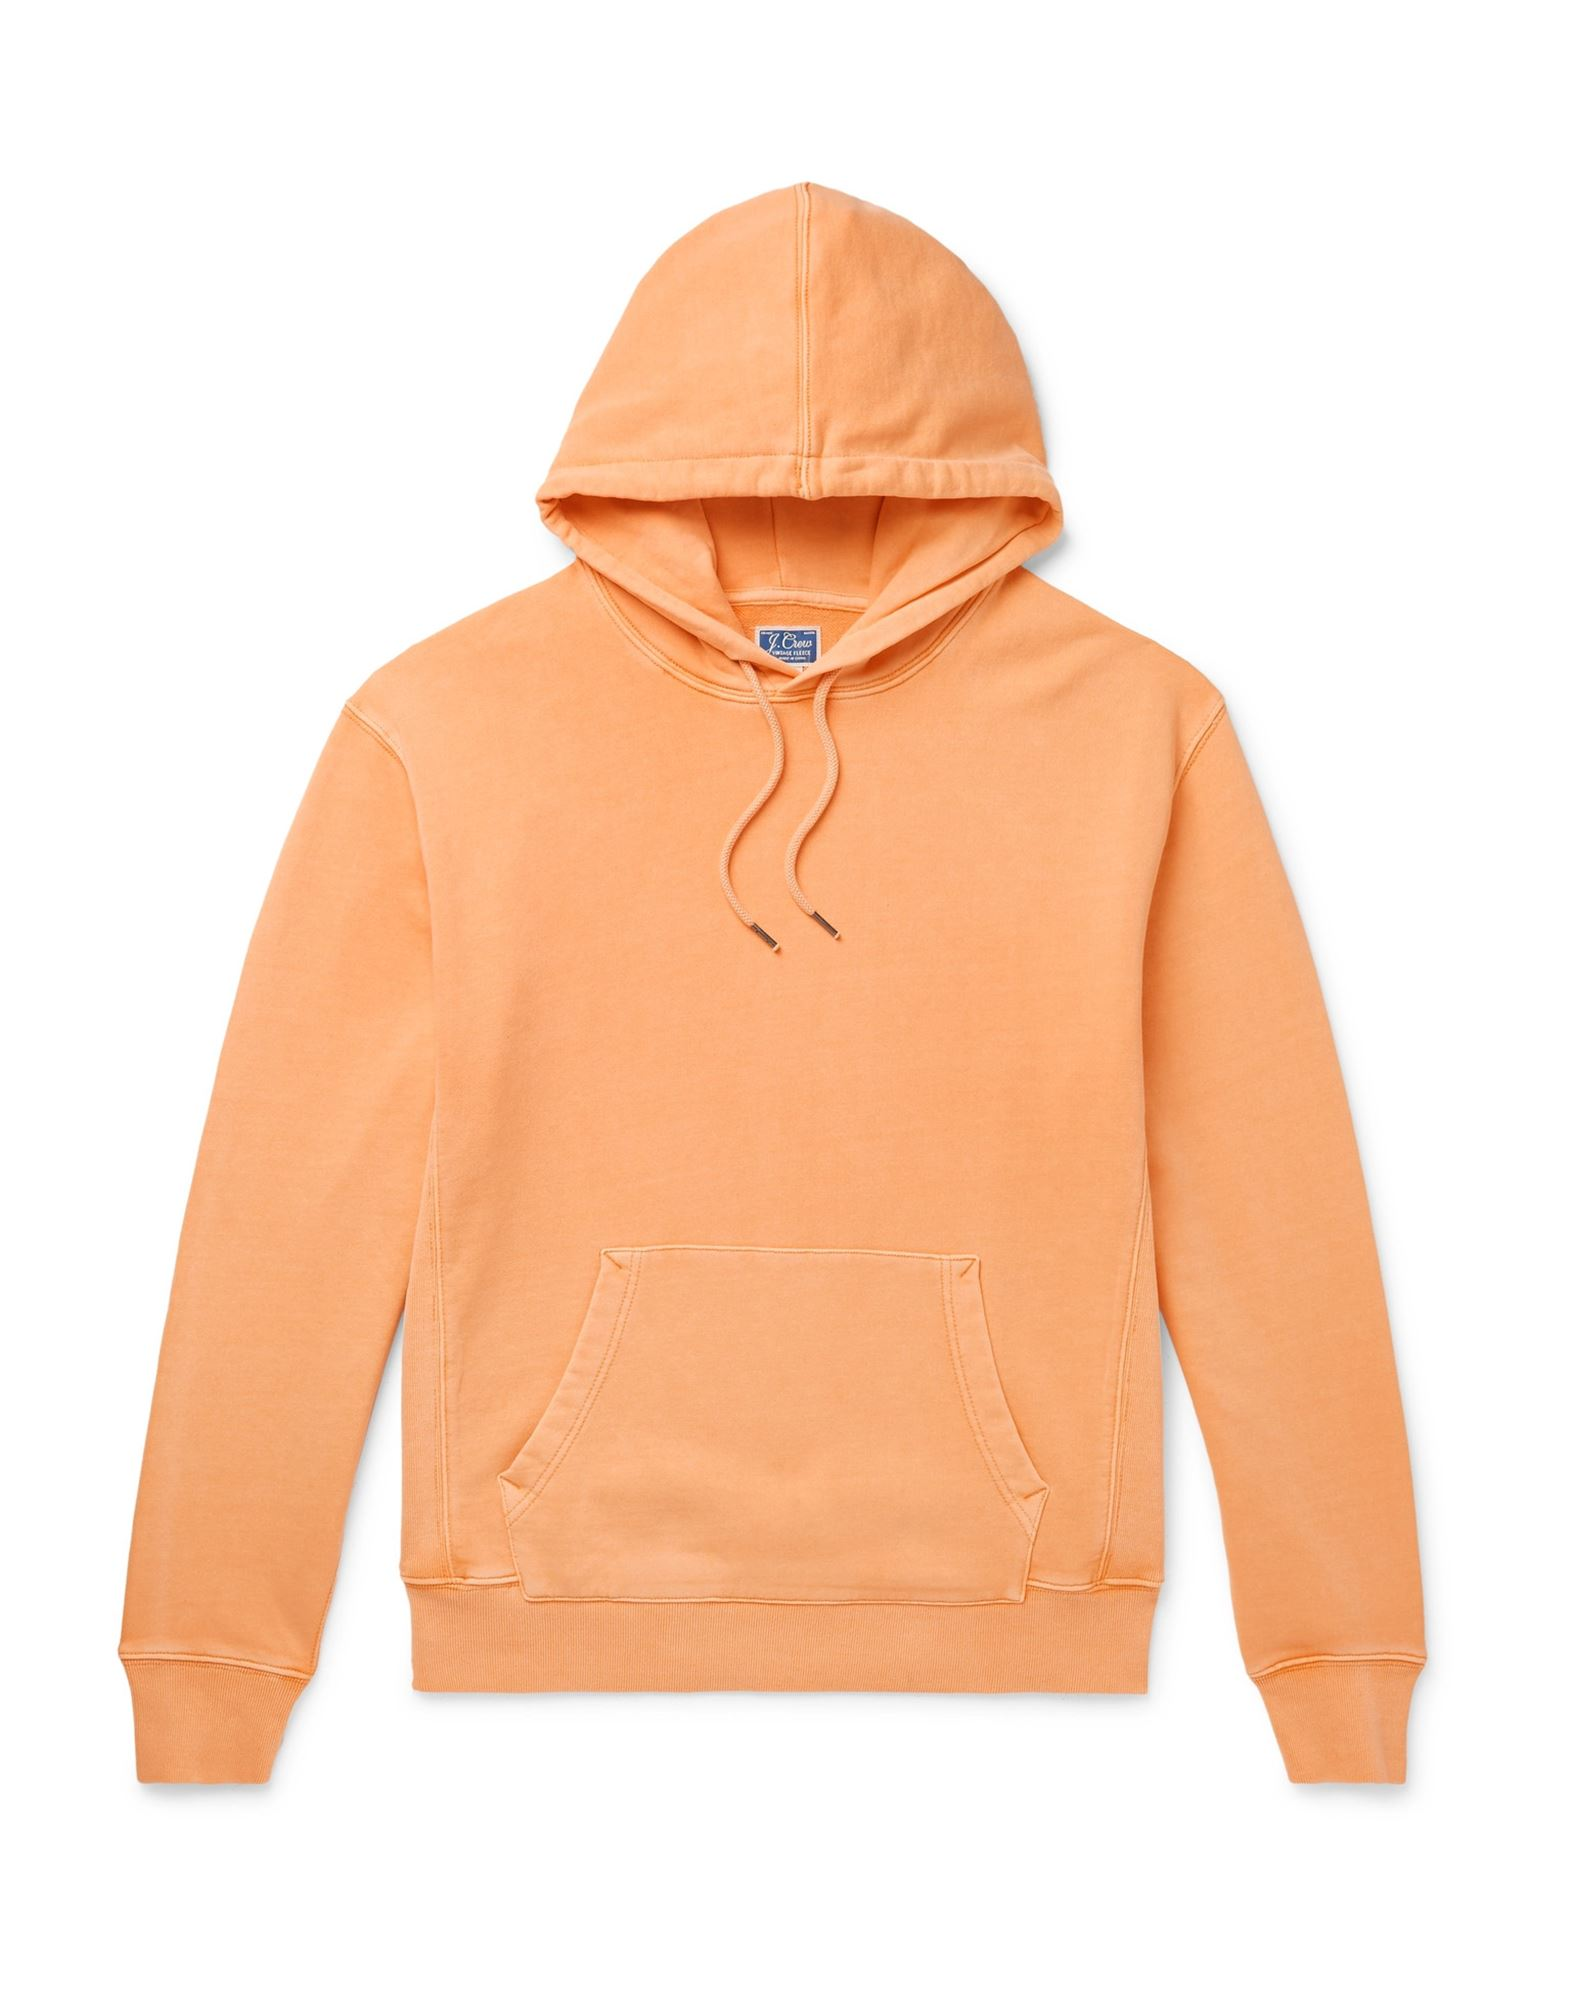 J.CREW Sweatshirts. solid color, no appliqués, long sleeves, single pocket, round collar. 100% Cotton